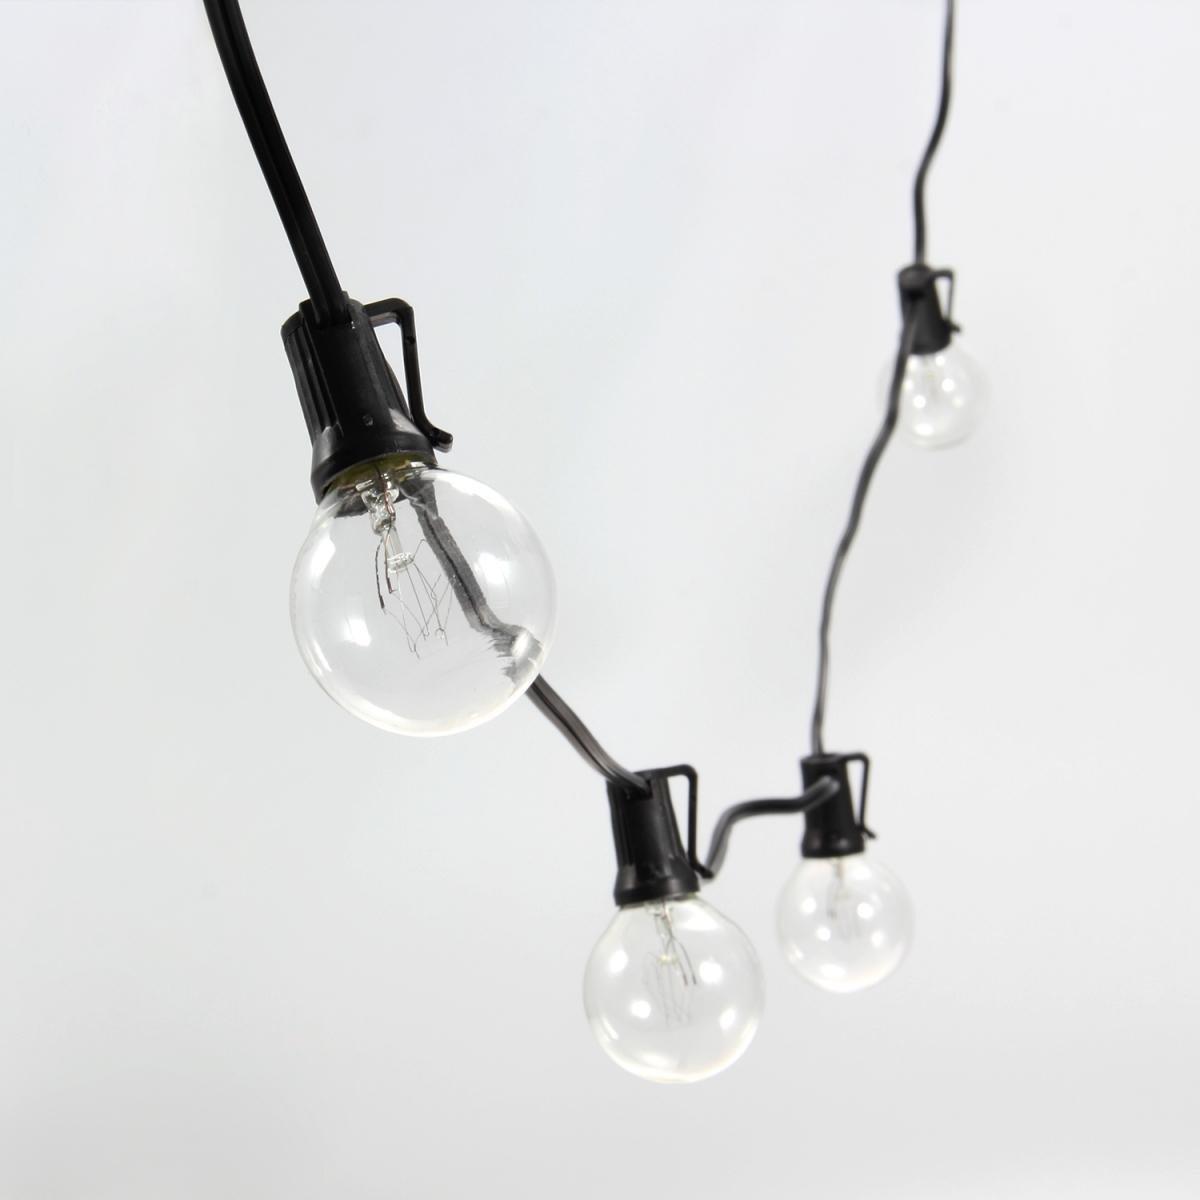 Fili Di Lampadine: Filo di lampadine per esterno fili usb.